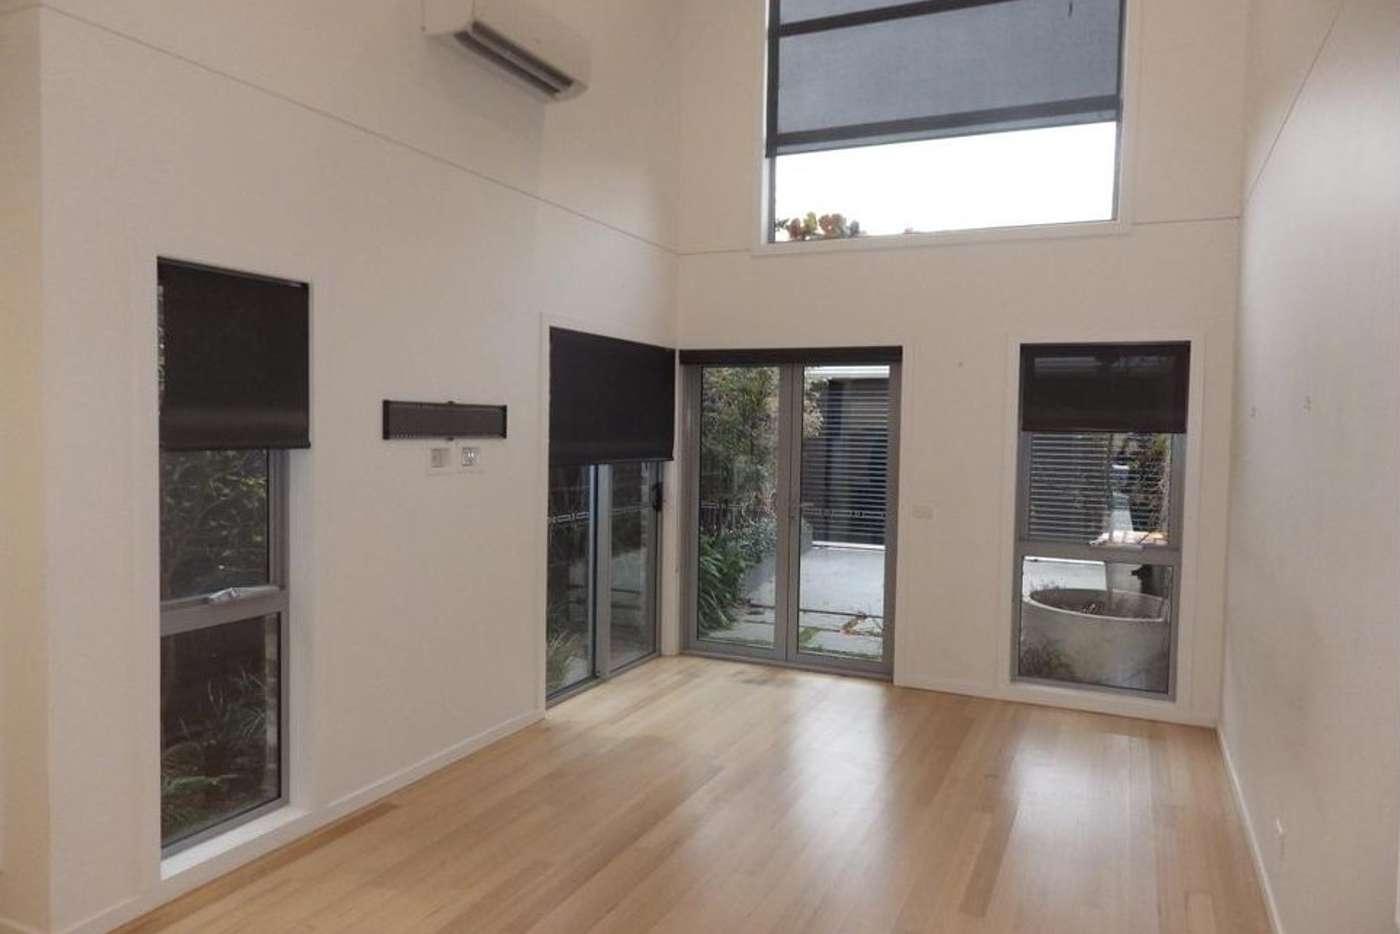 Main view of Homely house listing, 8 Barnett Street, Kensington VIC 3031